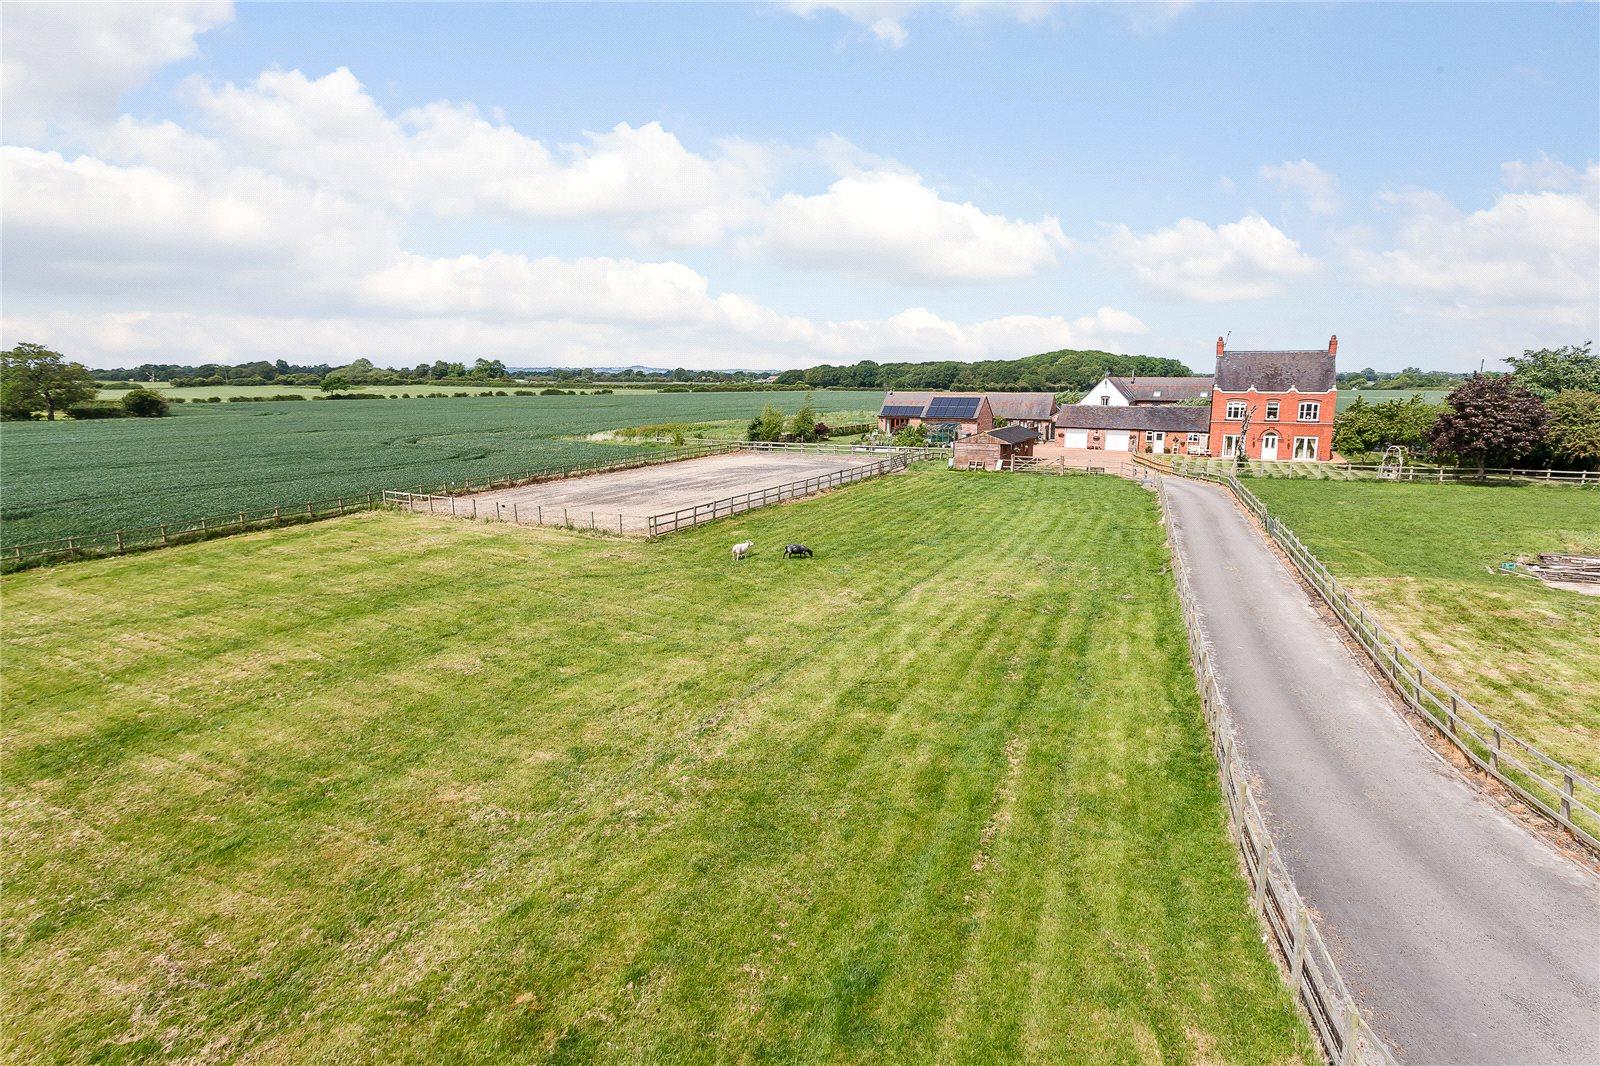 단독 가정 주택 용 매매 에 Aston Juxta Mondrum, Nantwich, Cheshire, CW5 Nantwich, 영국